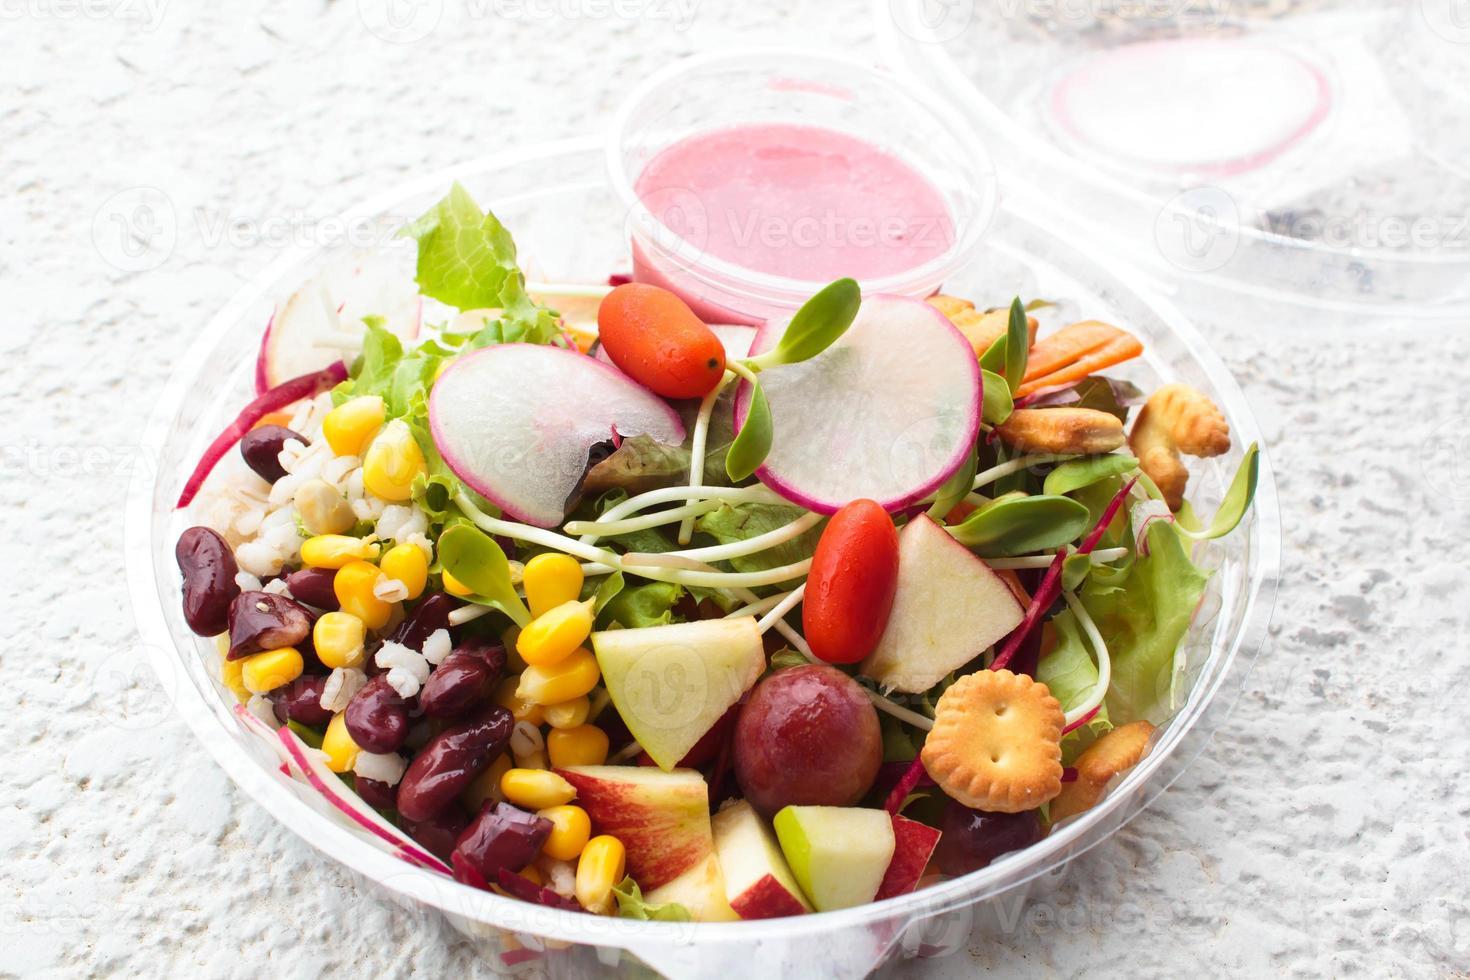 färsk salladgrönsak och frukt. foto